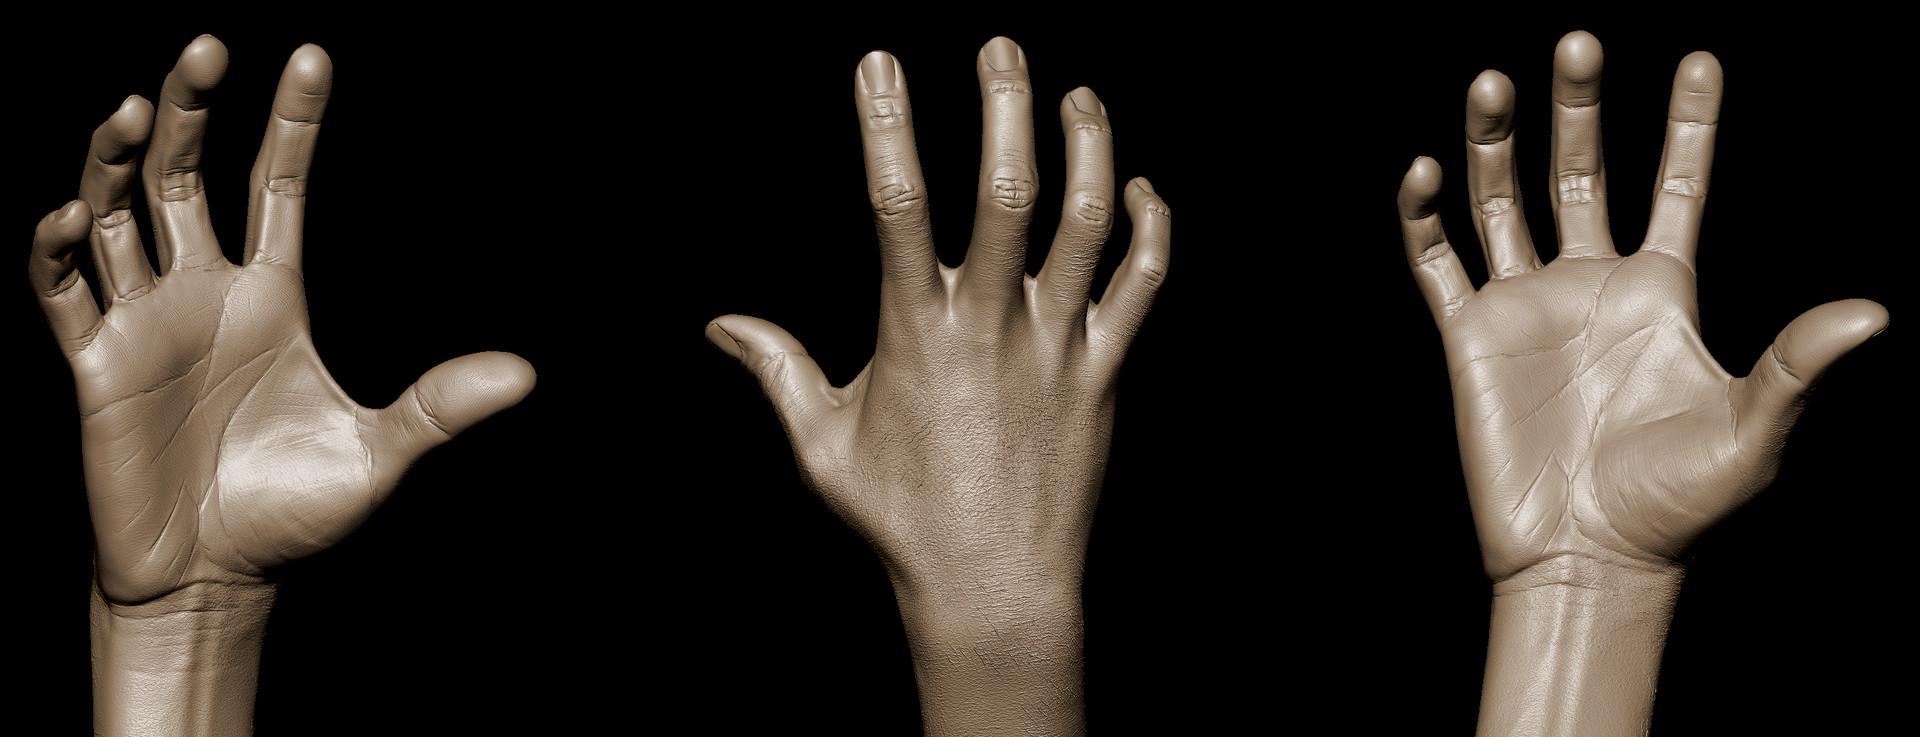 Daniel da Costa - Hand Anatomy in ZBrush - 3D Motive